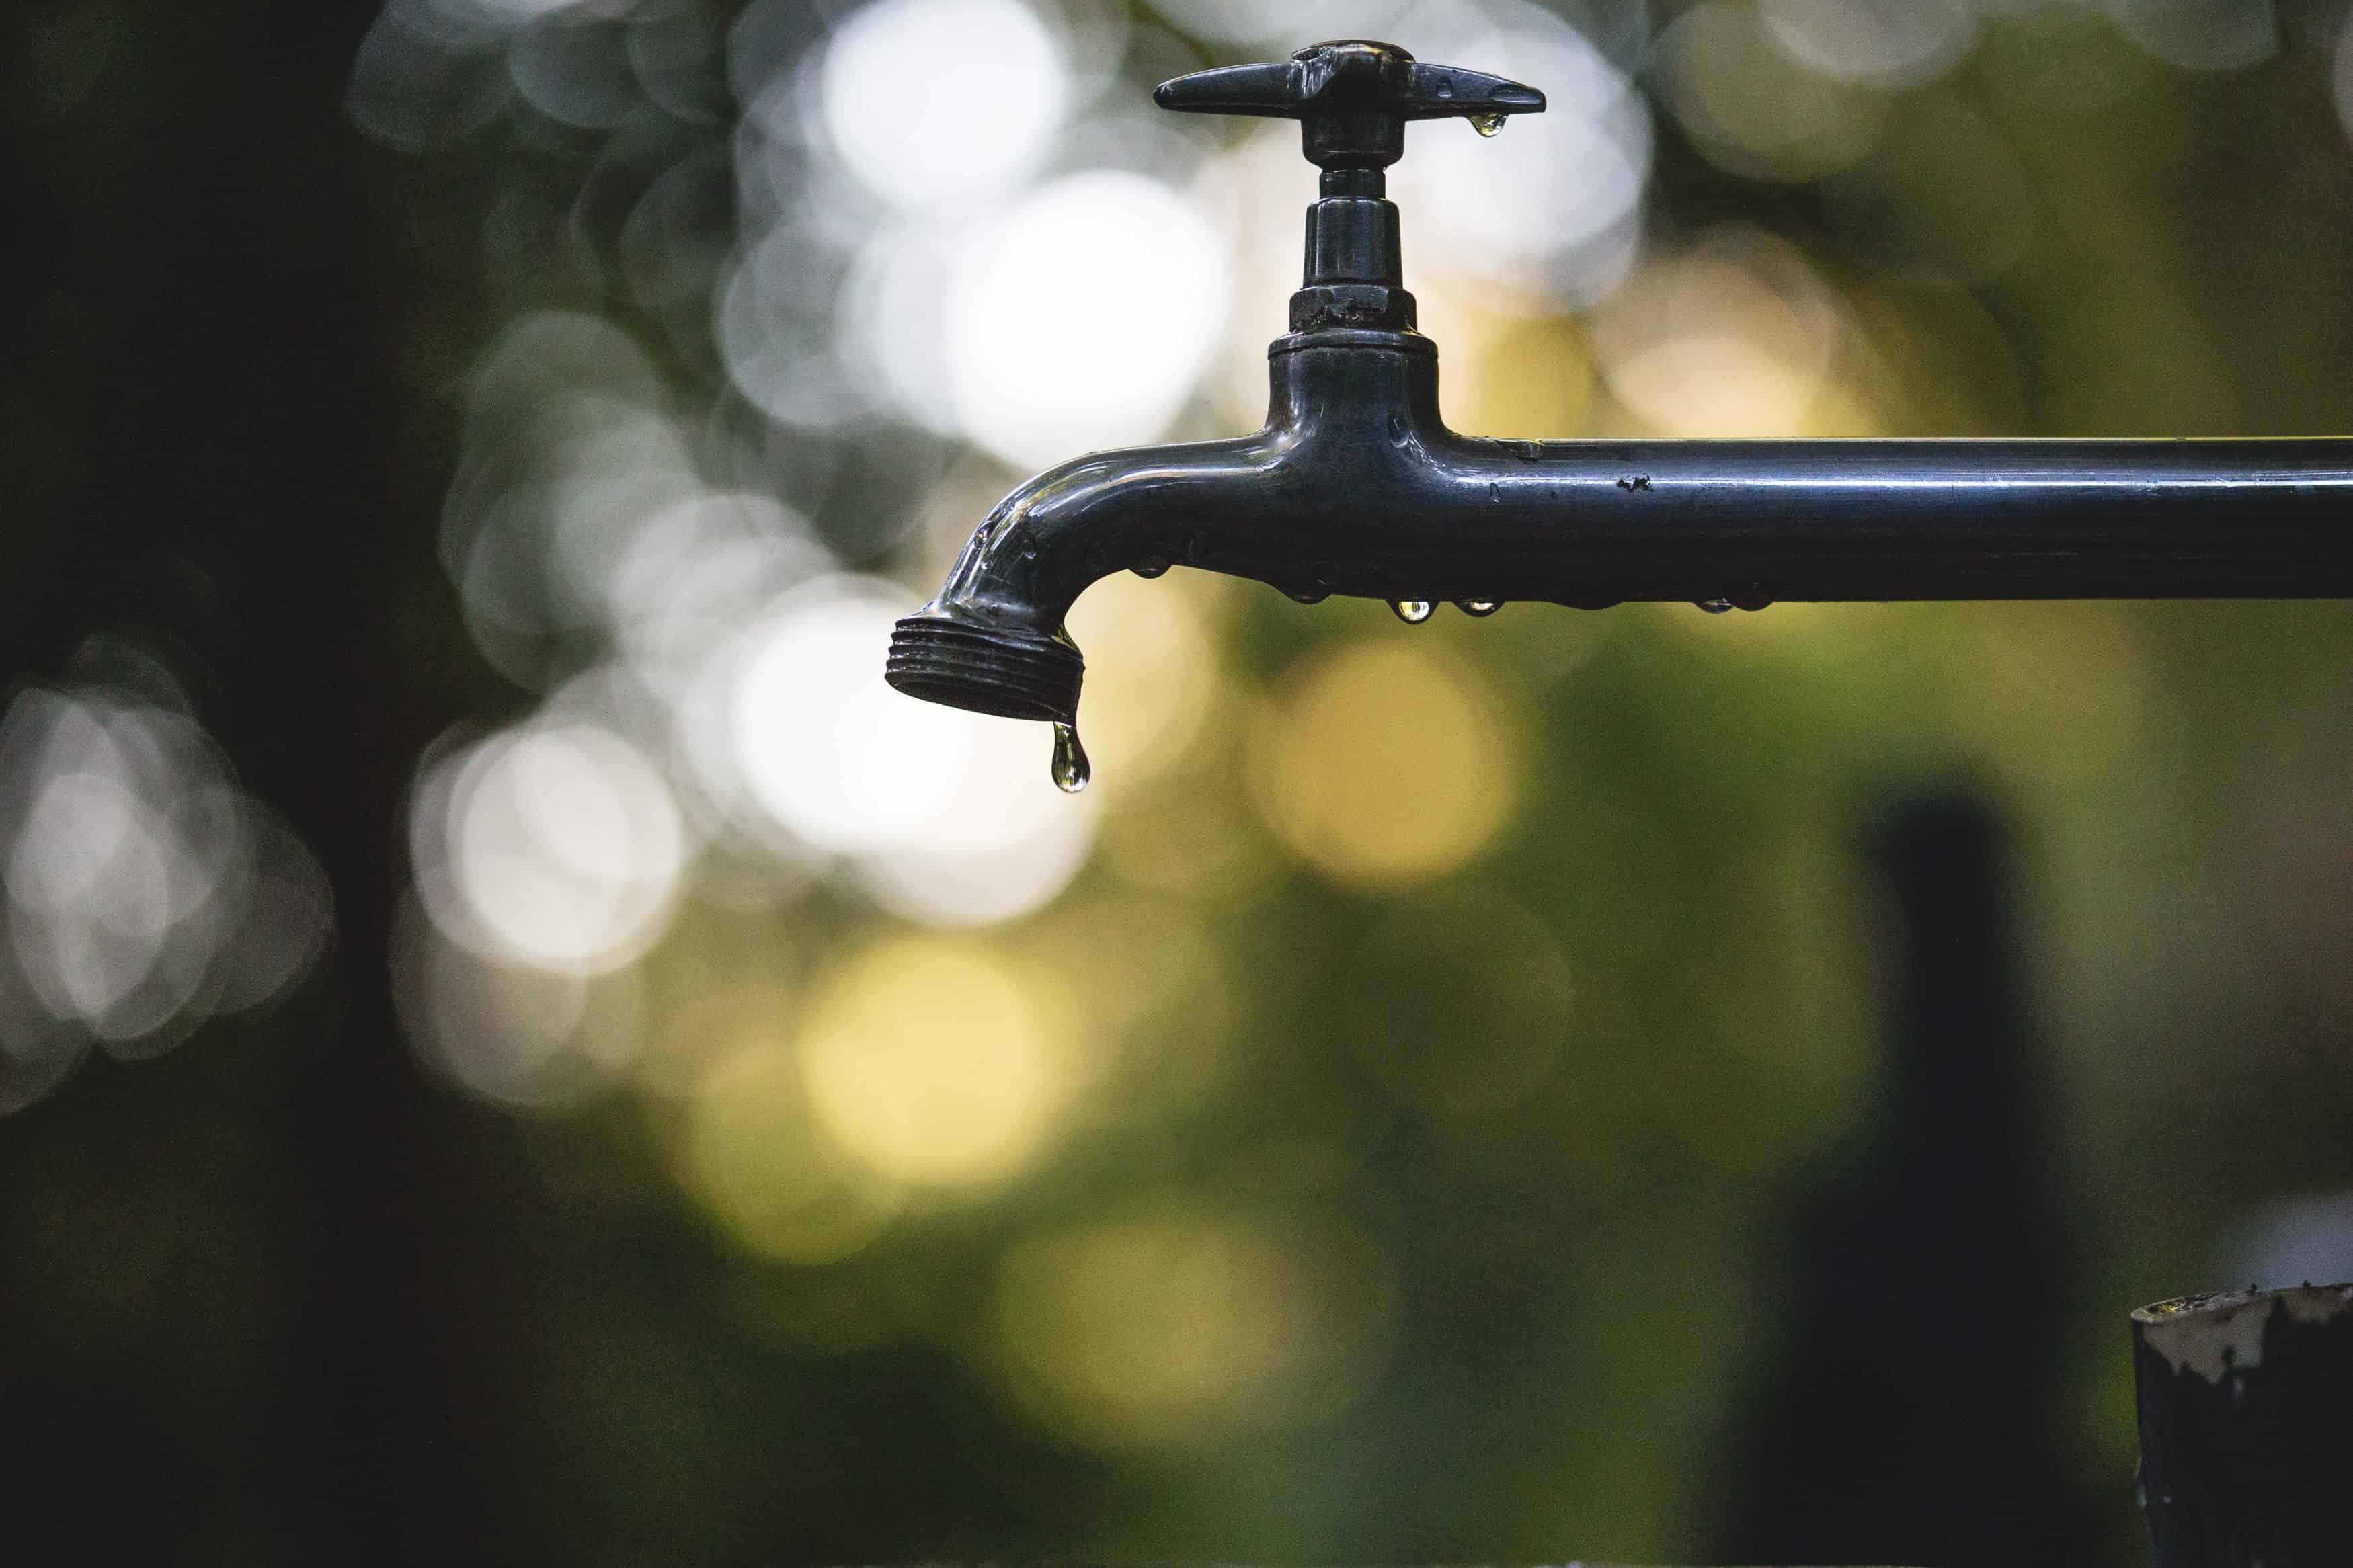 Side By Side Kühlschrank Filter Wechseln : Wasserfilter test die besten wasserfilter im vergleich